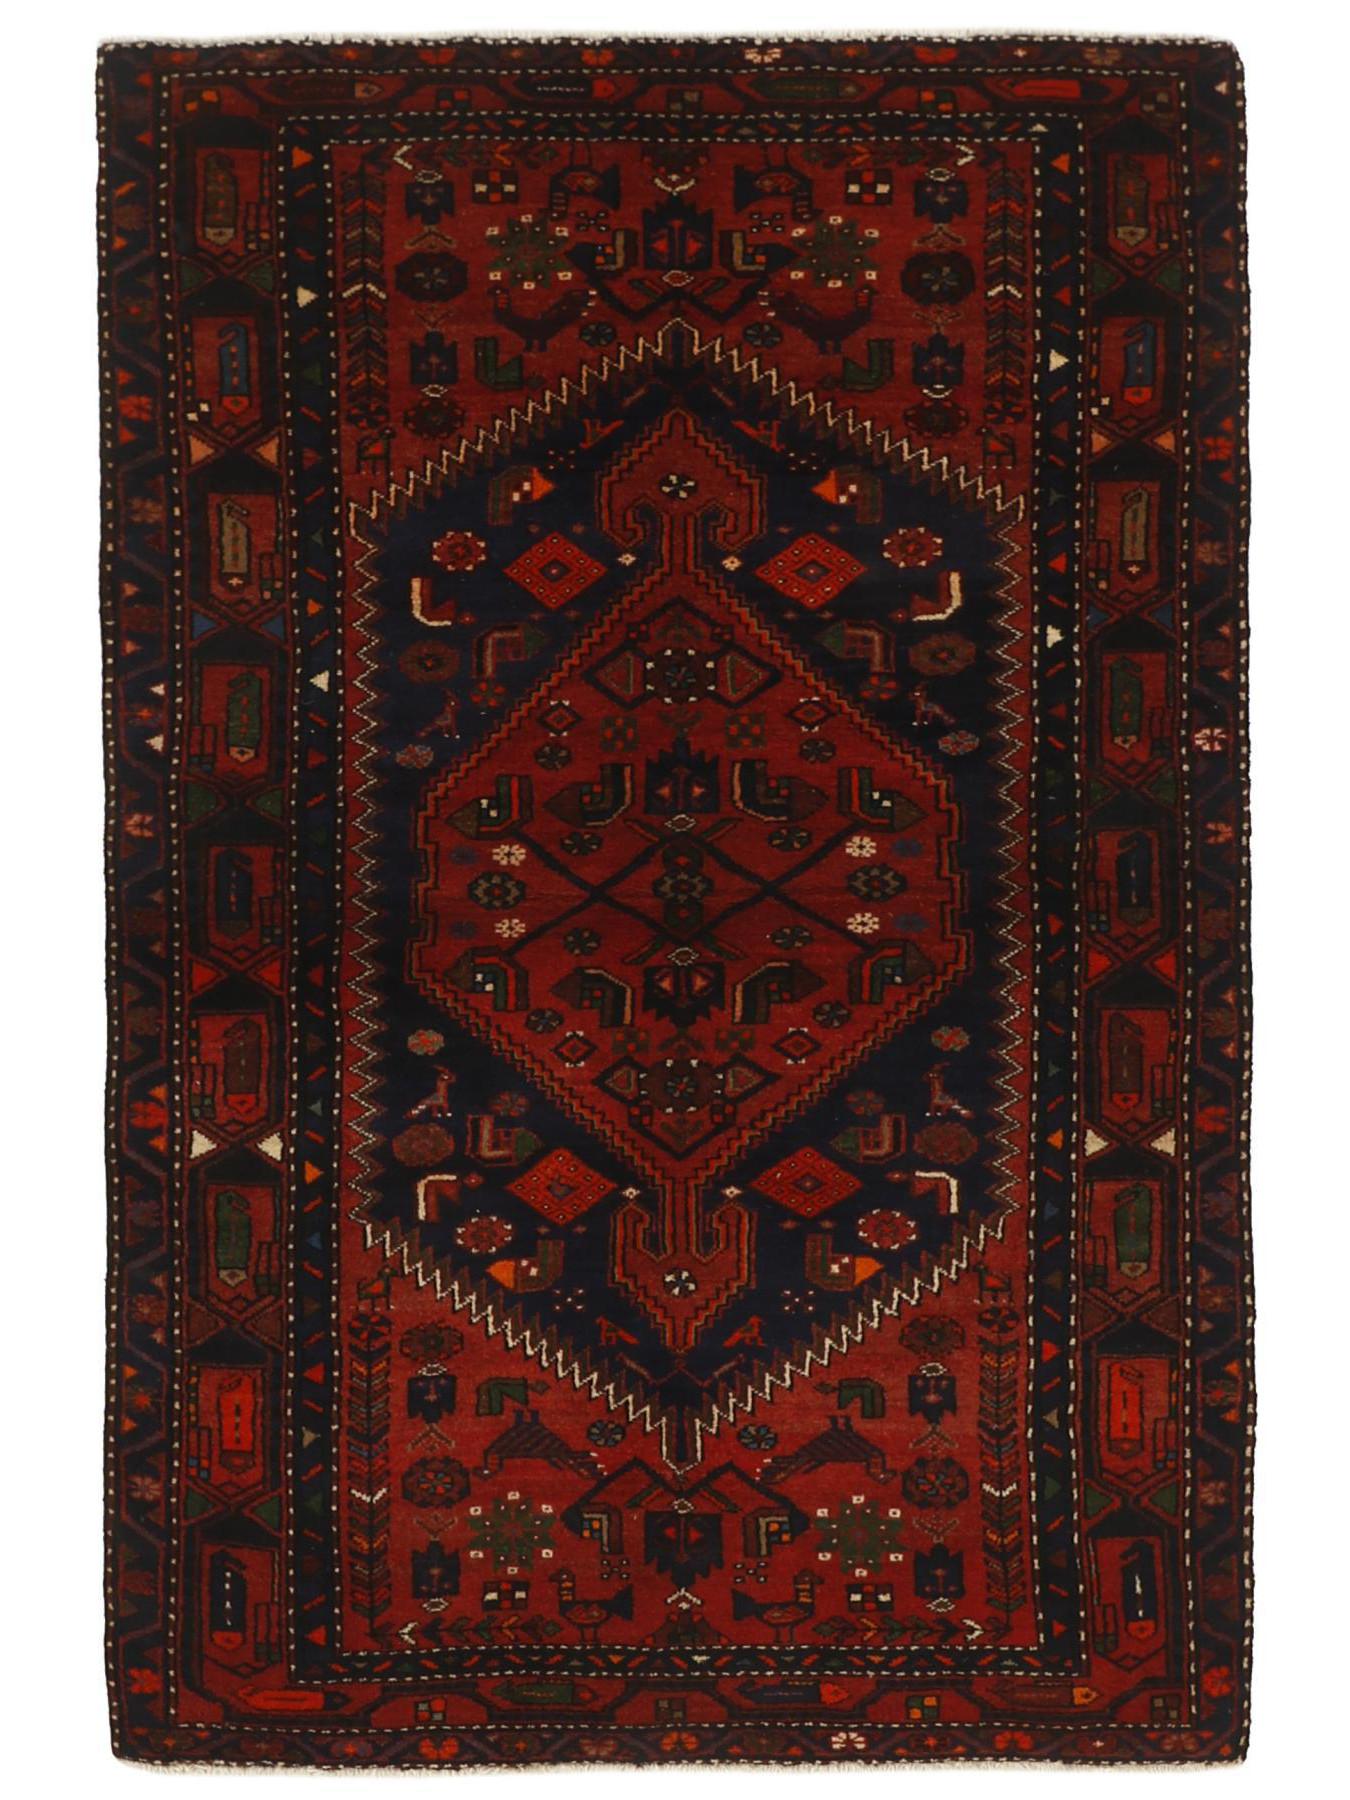 Perzische tapijten - Kamseh